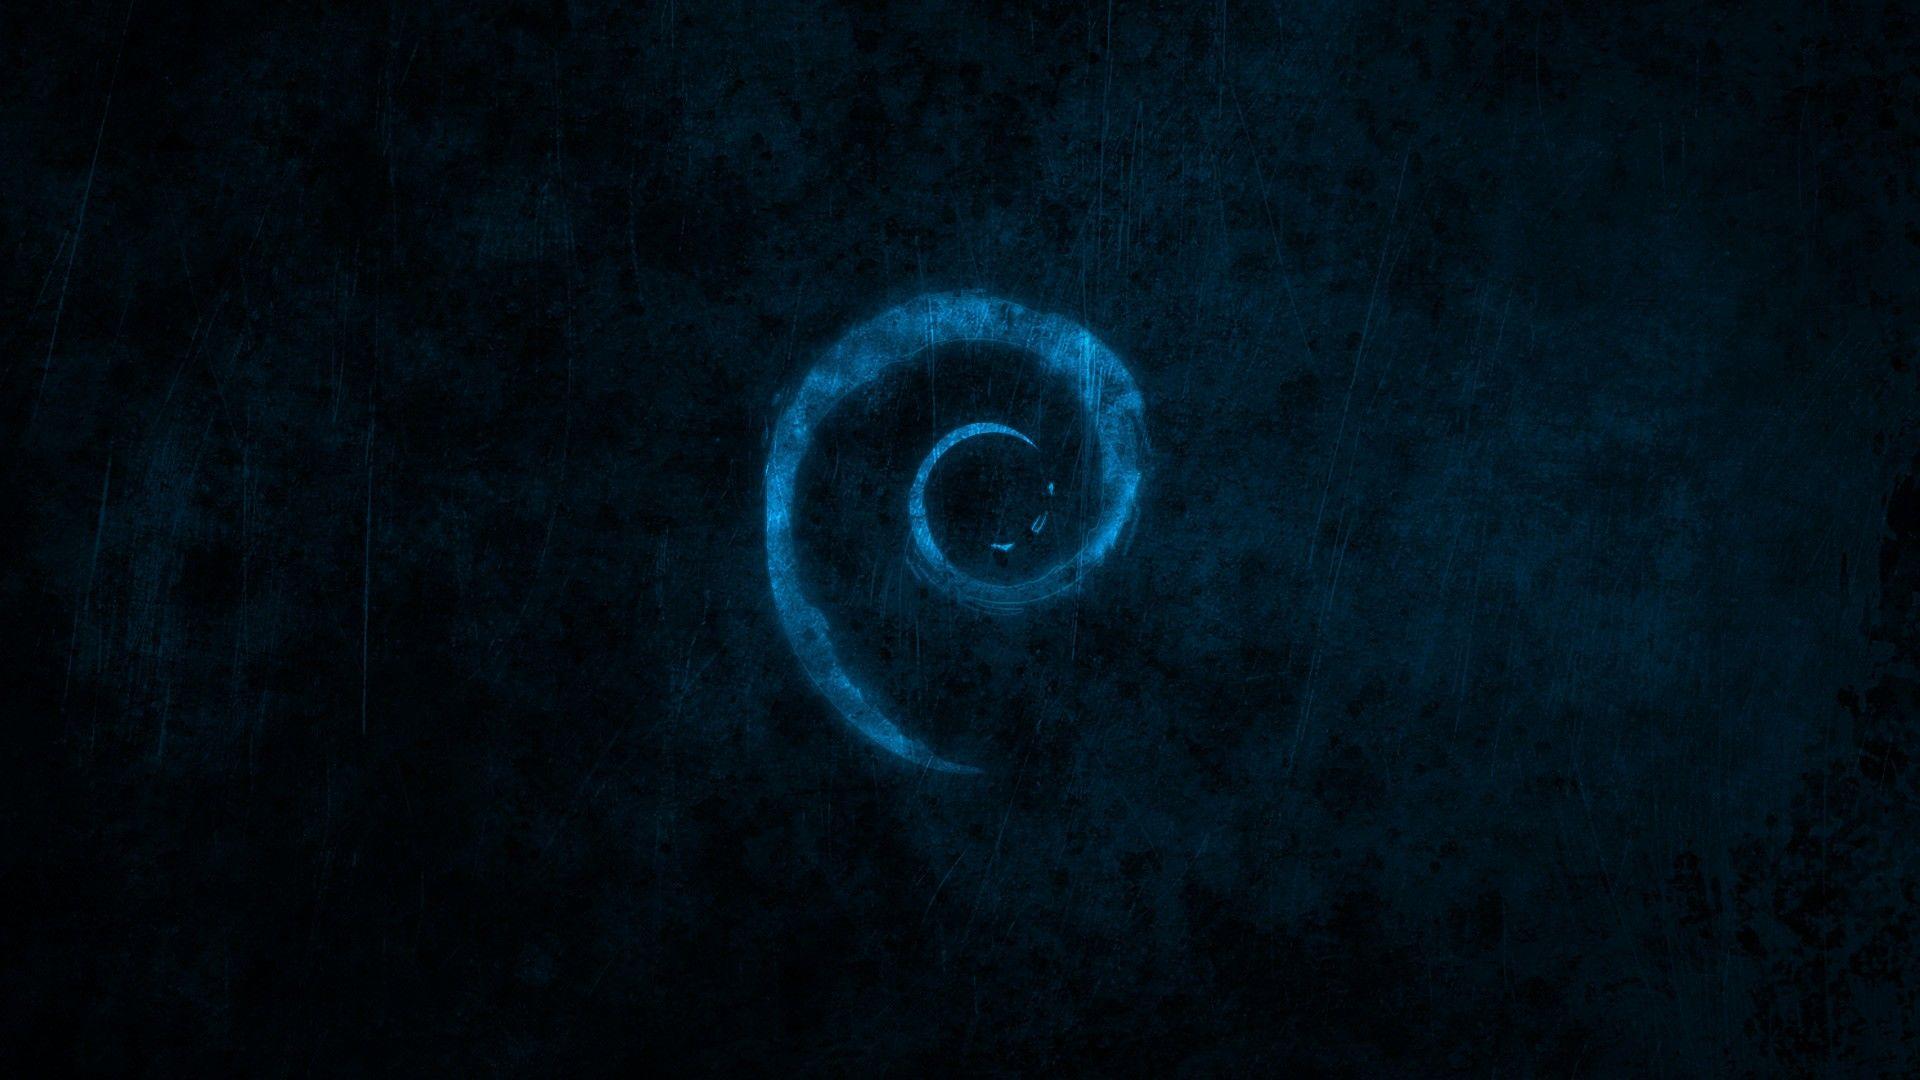 Water Blue Dark Linux Debian Brands Logos New HD Wallpaper 1920x1080